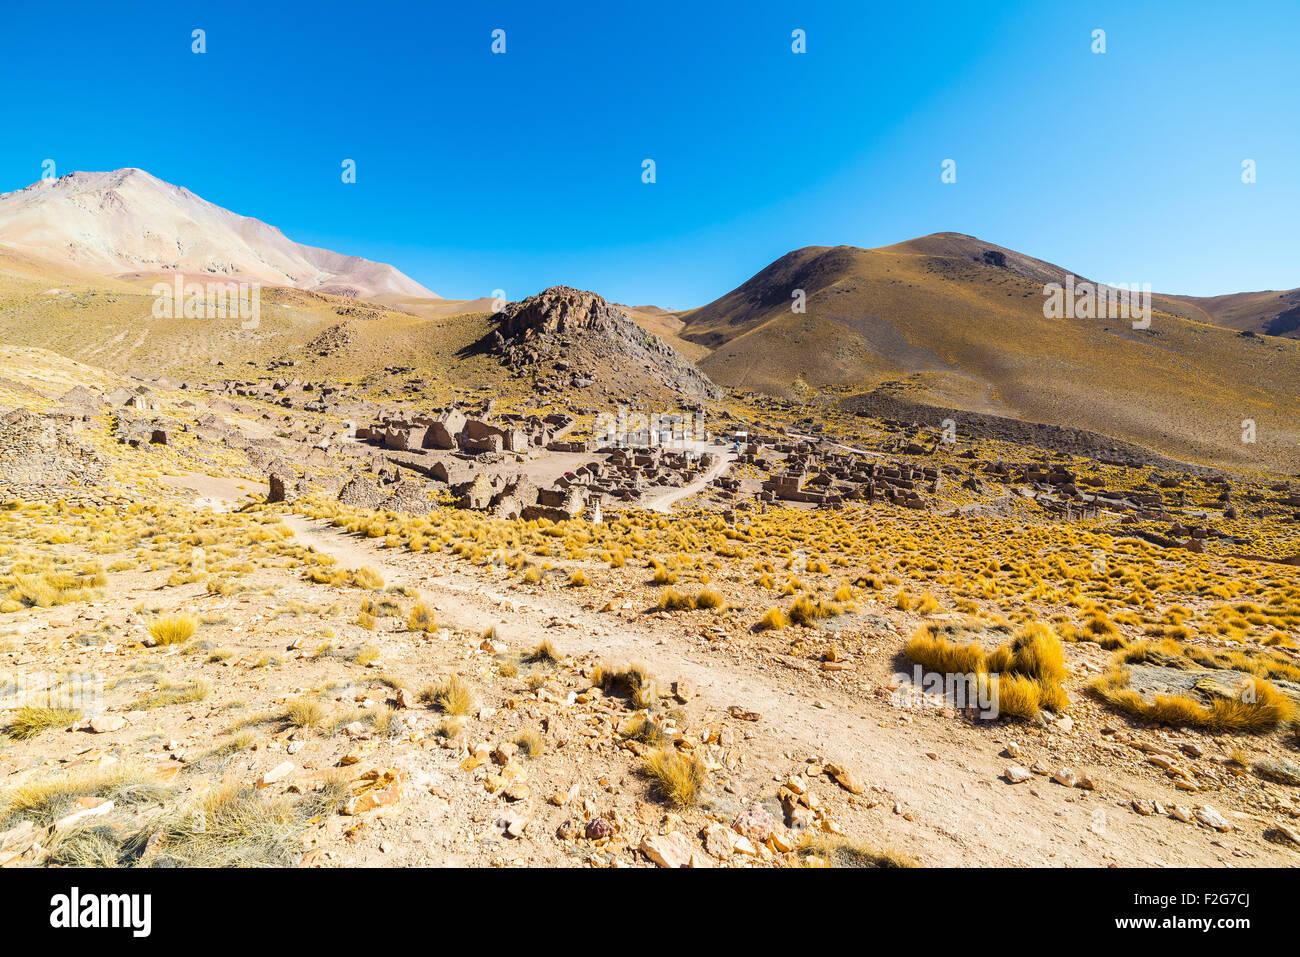 Großer Höhe kargen Bergkette im Hochland der Anden auf dem Weg zu den berühmten Uyuni Salz flach, Stockbild